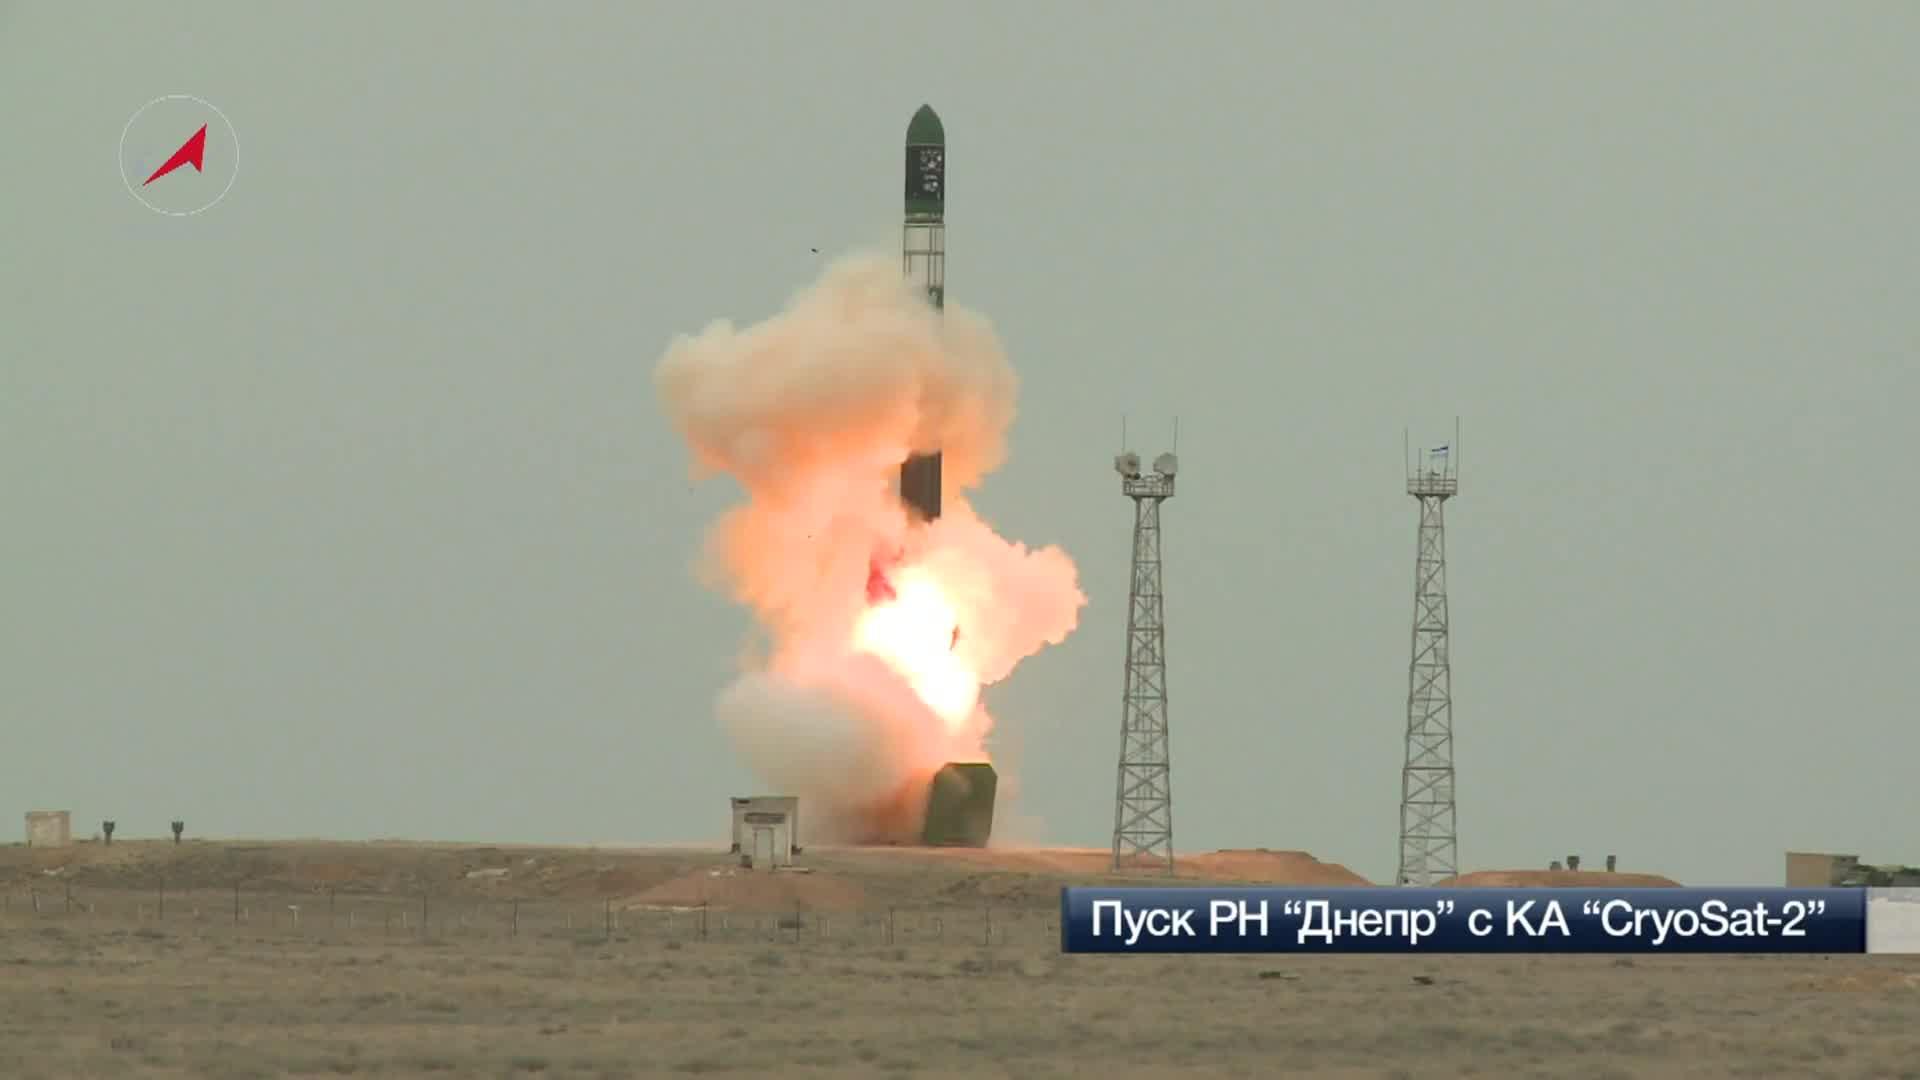 Launch of EgyptSat 1 in 2007 from Ukraine aboard a Dnepr rocket.